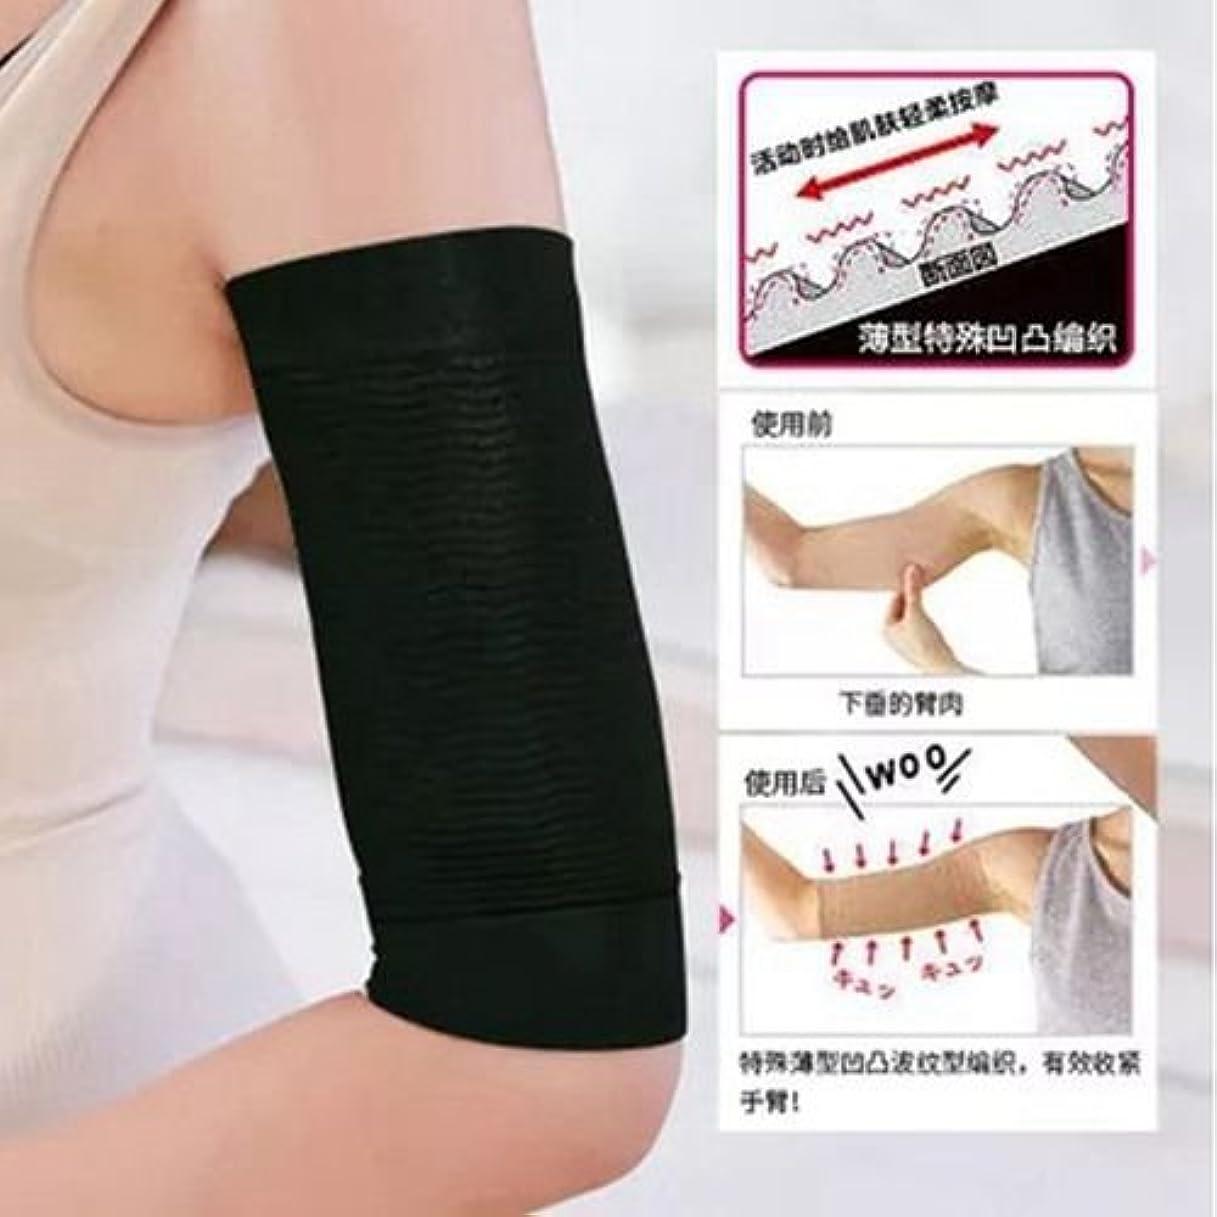 平凡資源チャペルThreeCat ダイエット 腕2枚組 420D マッサージ 脂肪燃焼 バストアップレディース 女性 二の腕シェイパー size 20~30cm (ベージュ)